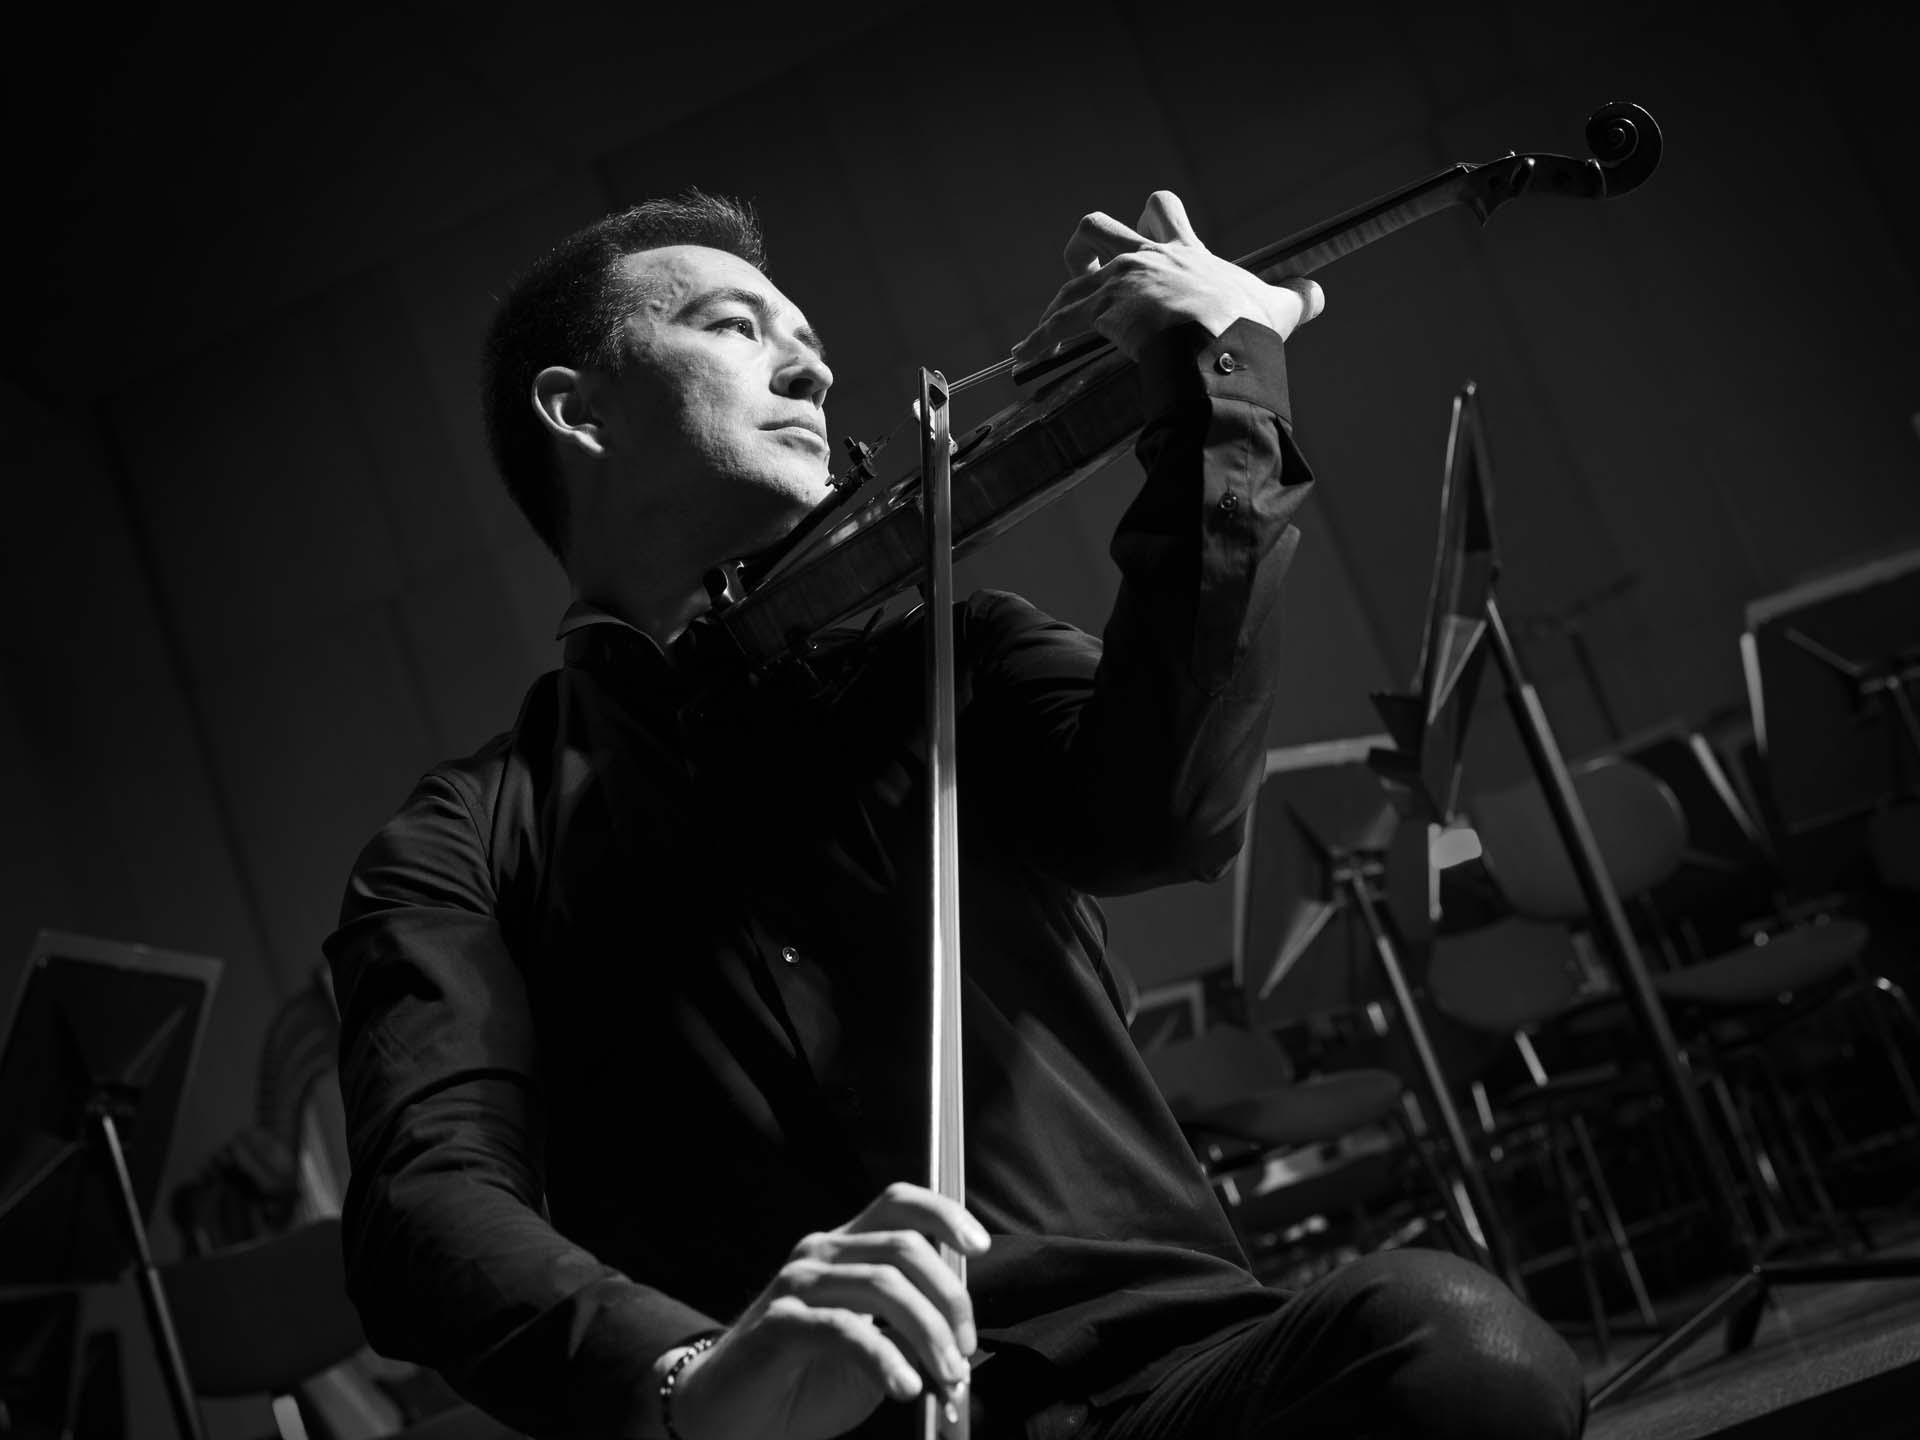 Ruslan Asanov